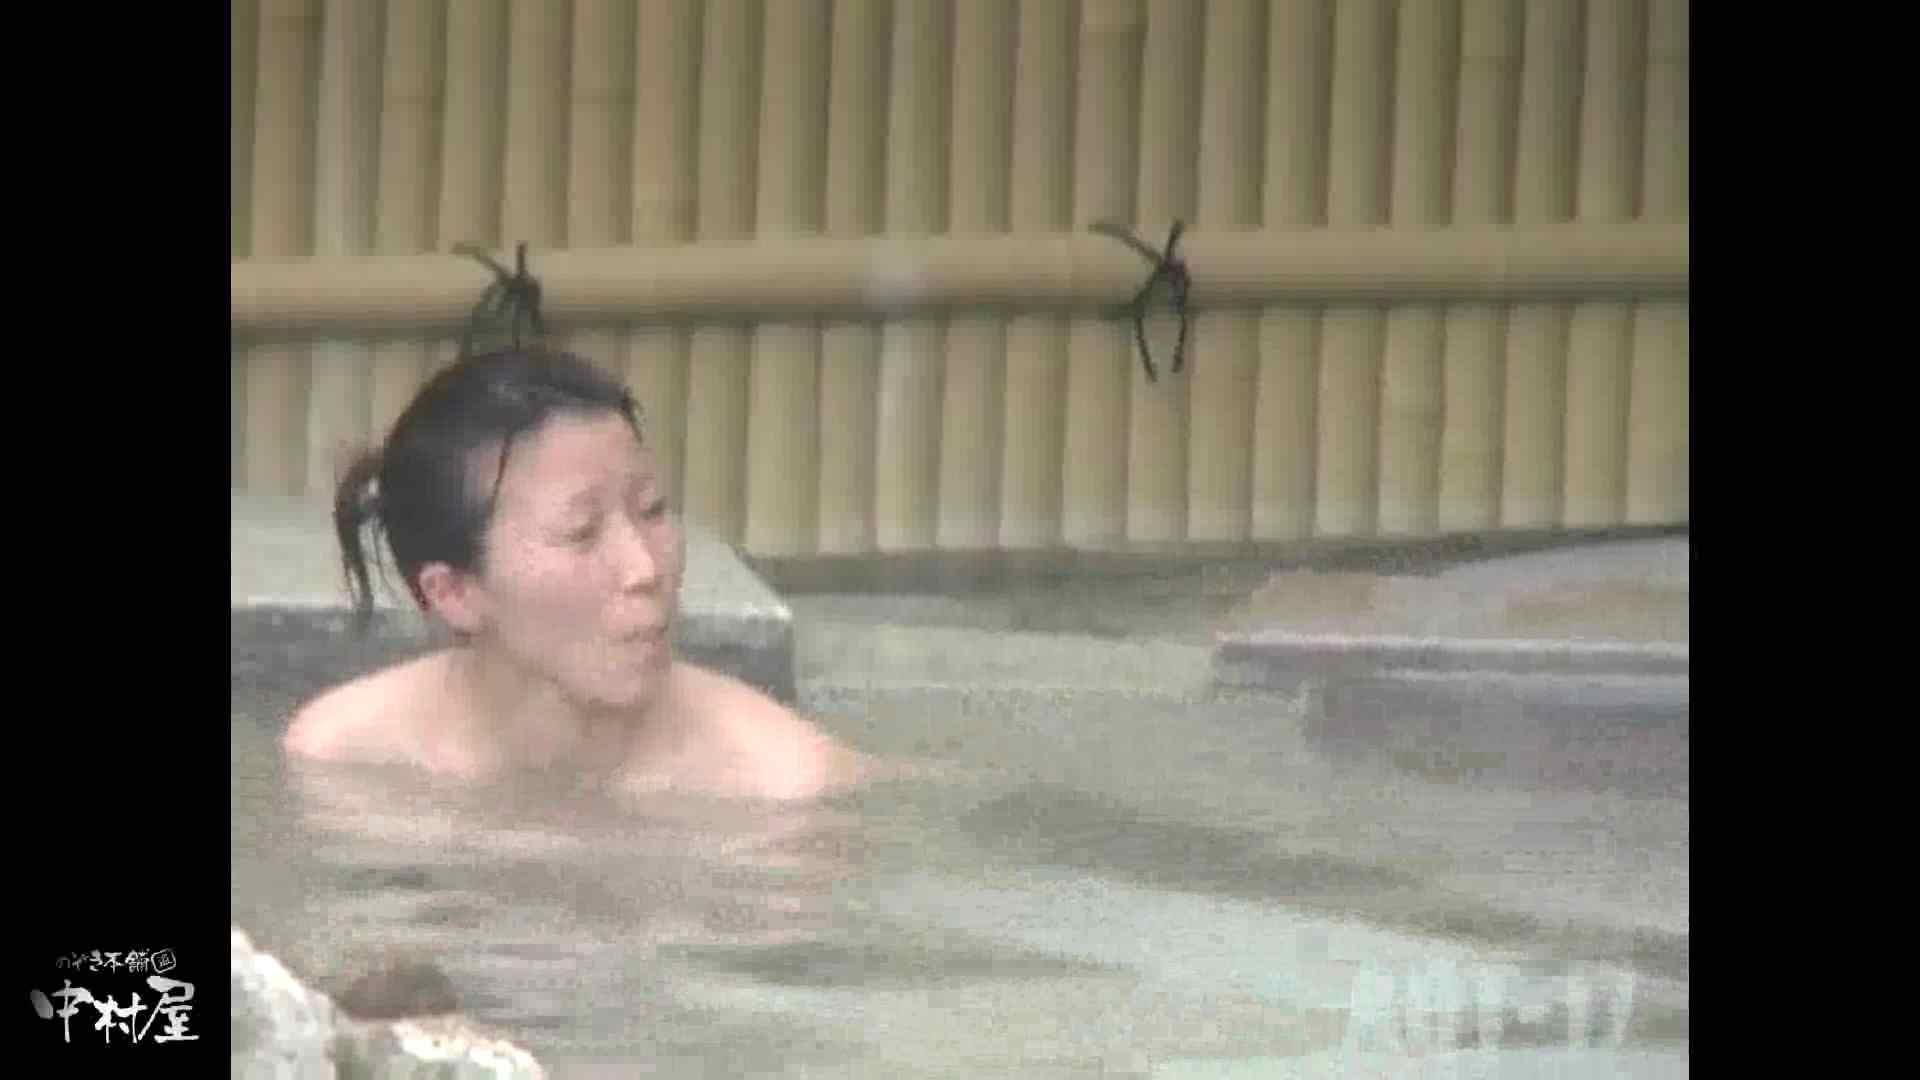 Aquaな露天風呂Vol.881潜入盗撮露天風呂十七判湯 其の二 潜入  11枚 9